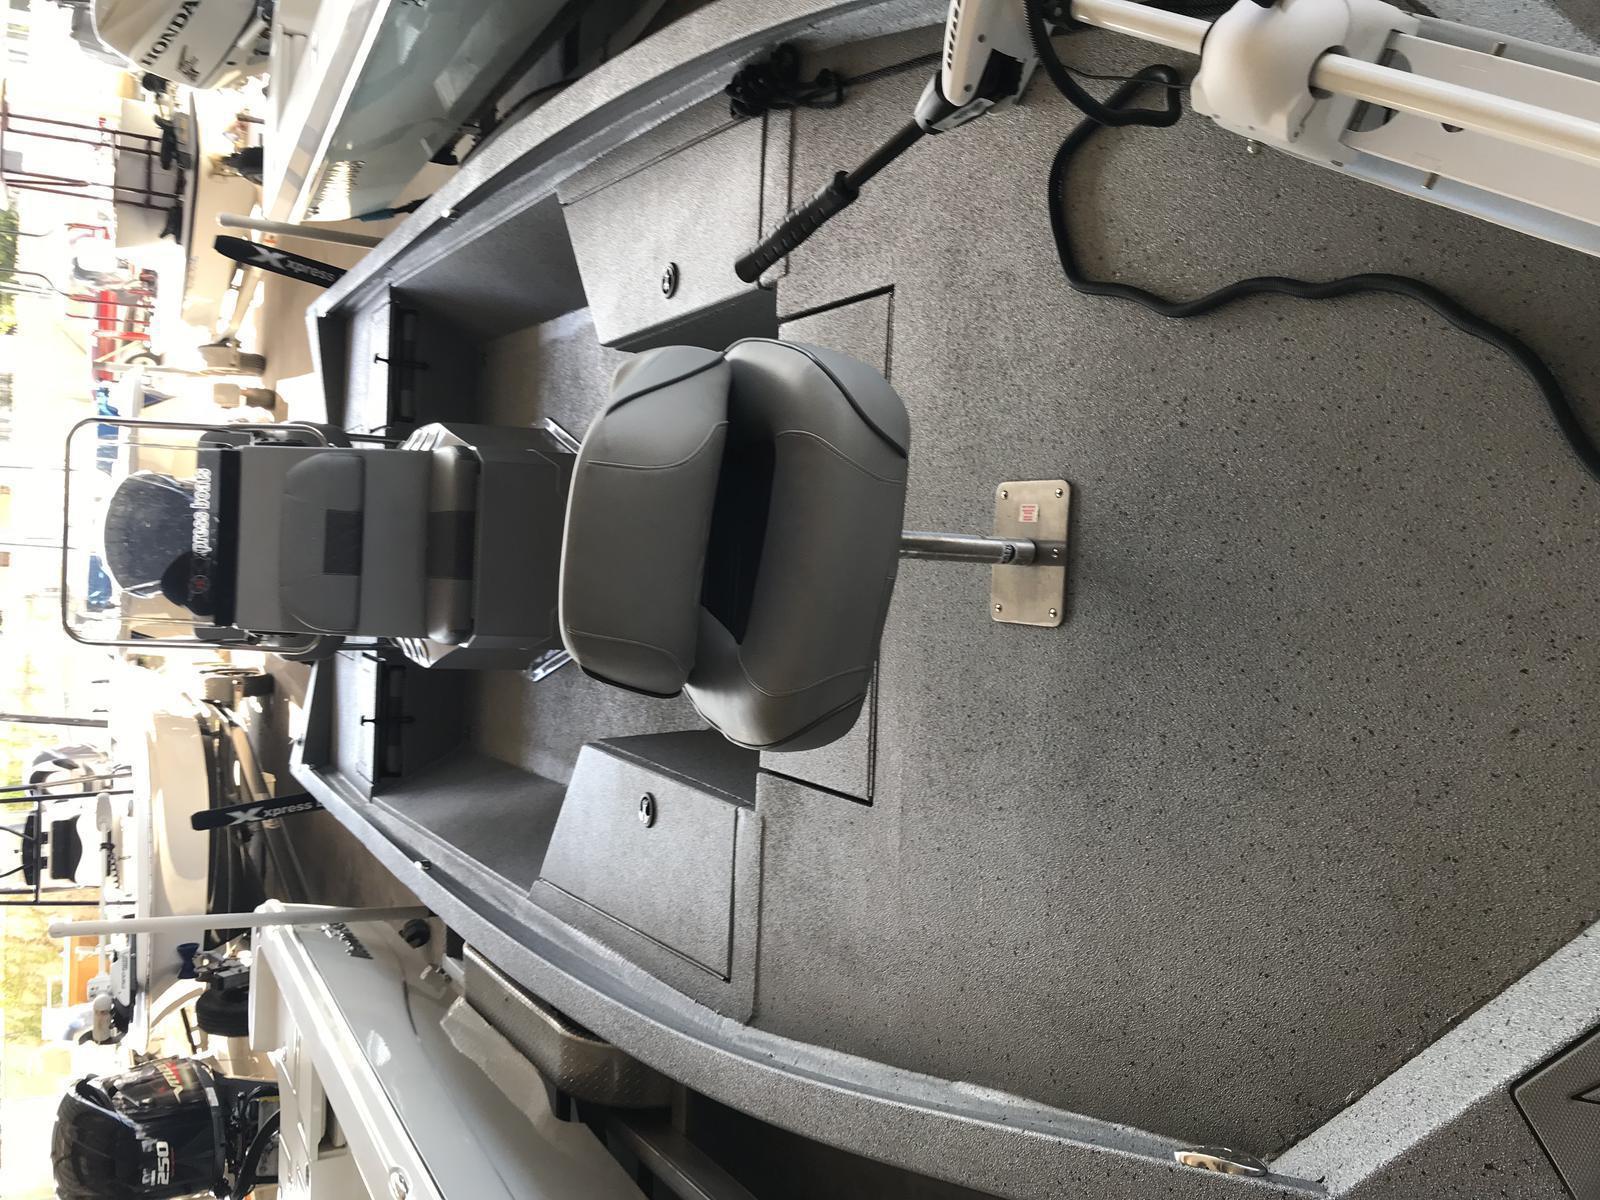 2018 Xpress H24b For Sale In Marrero La The Boat Yard Inc Atlas Jack Plate Wiring Harness Pspv7caxrhup0p71j5wxta Roflveabrdapyqz98x3ksw